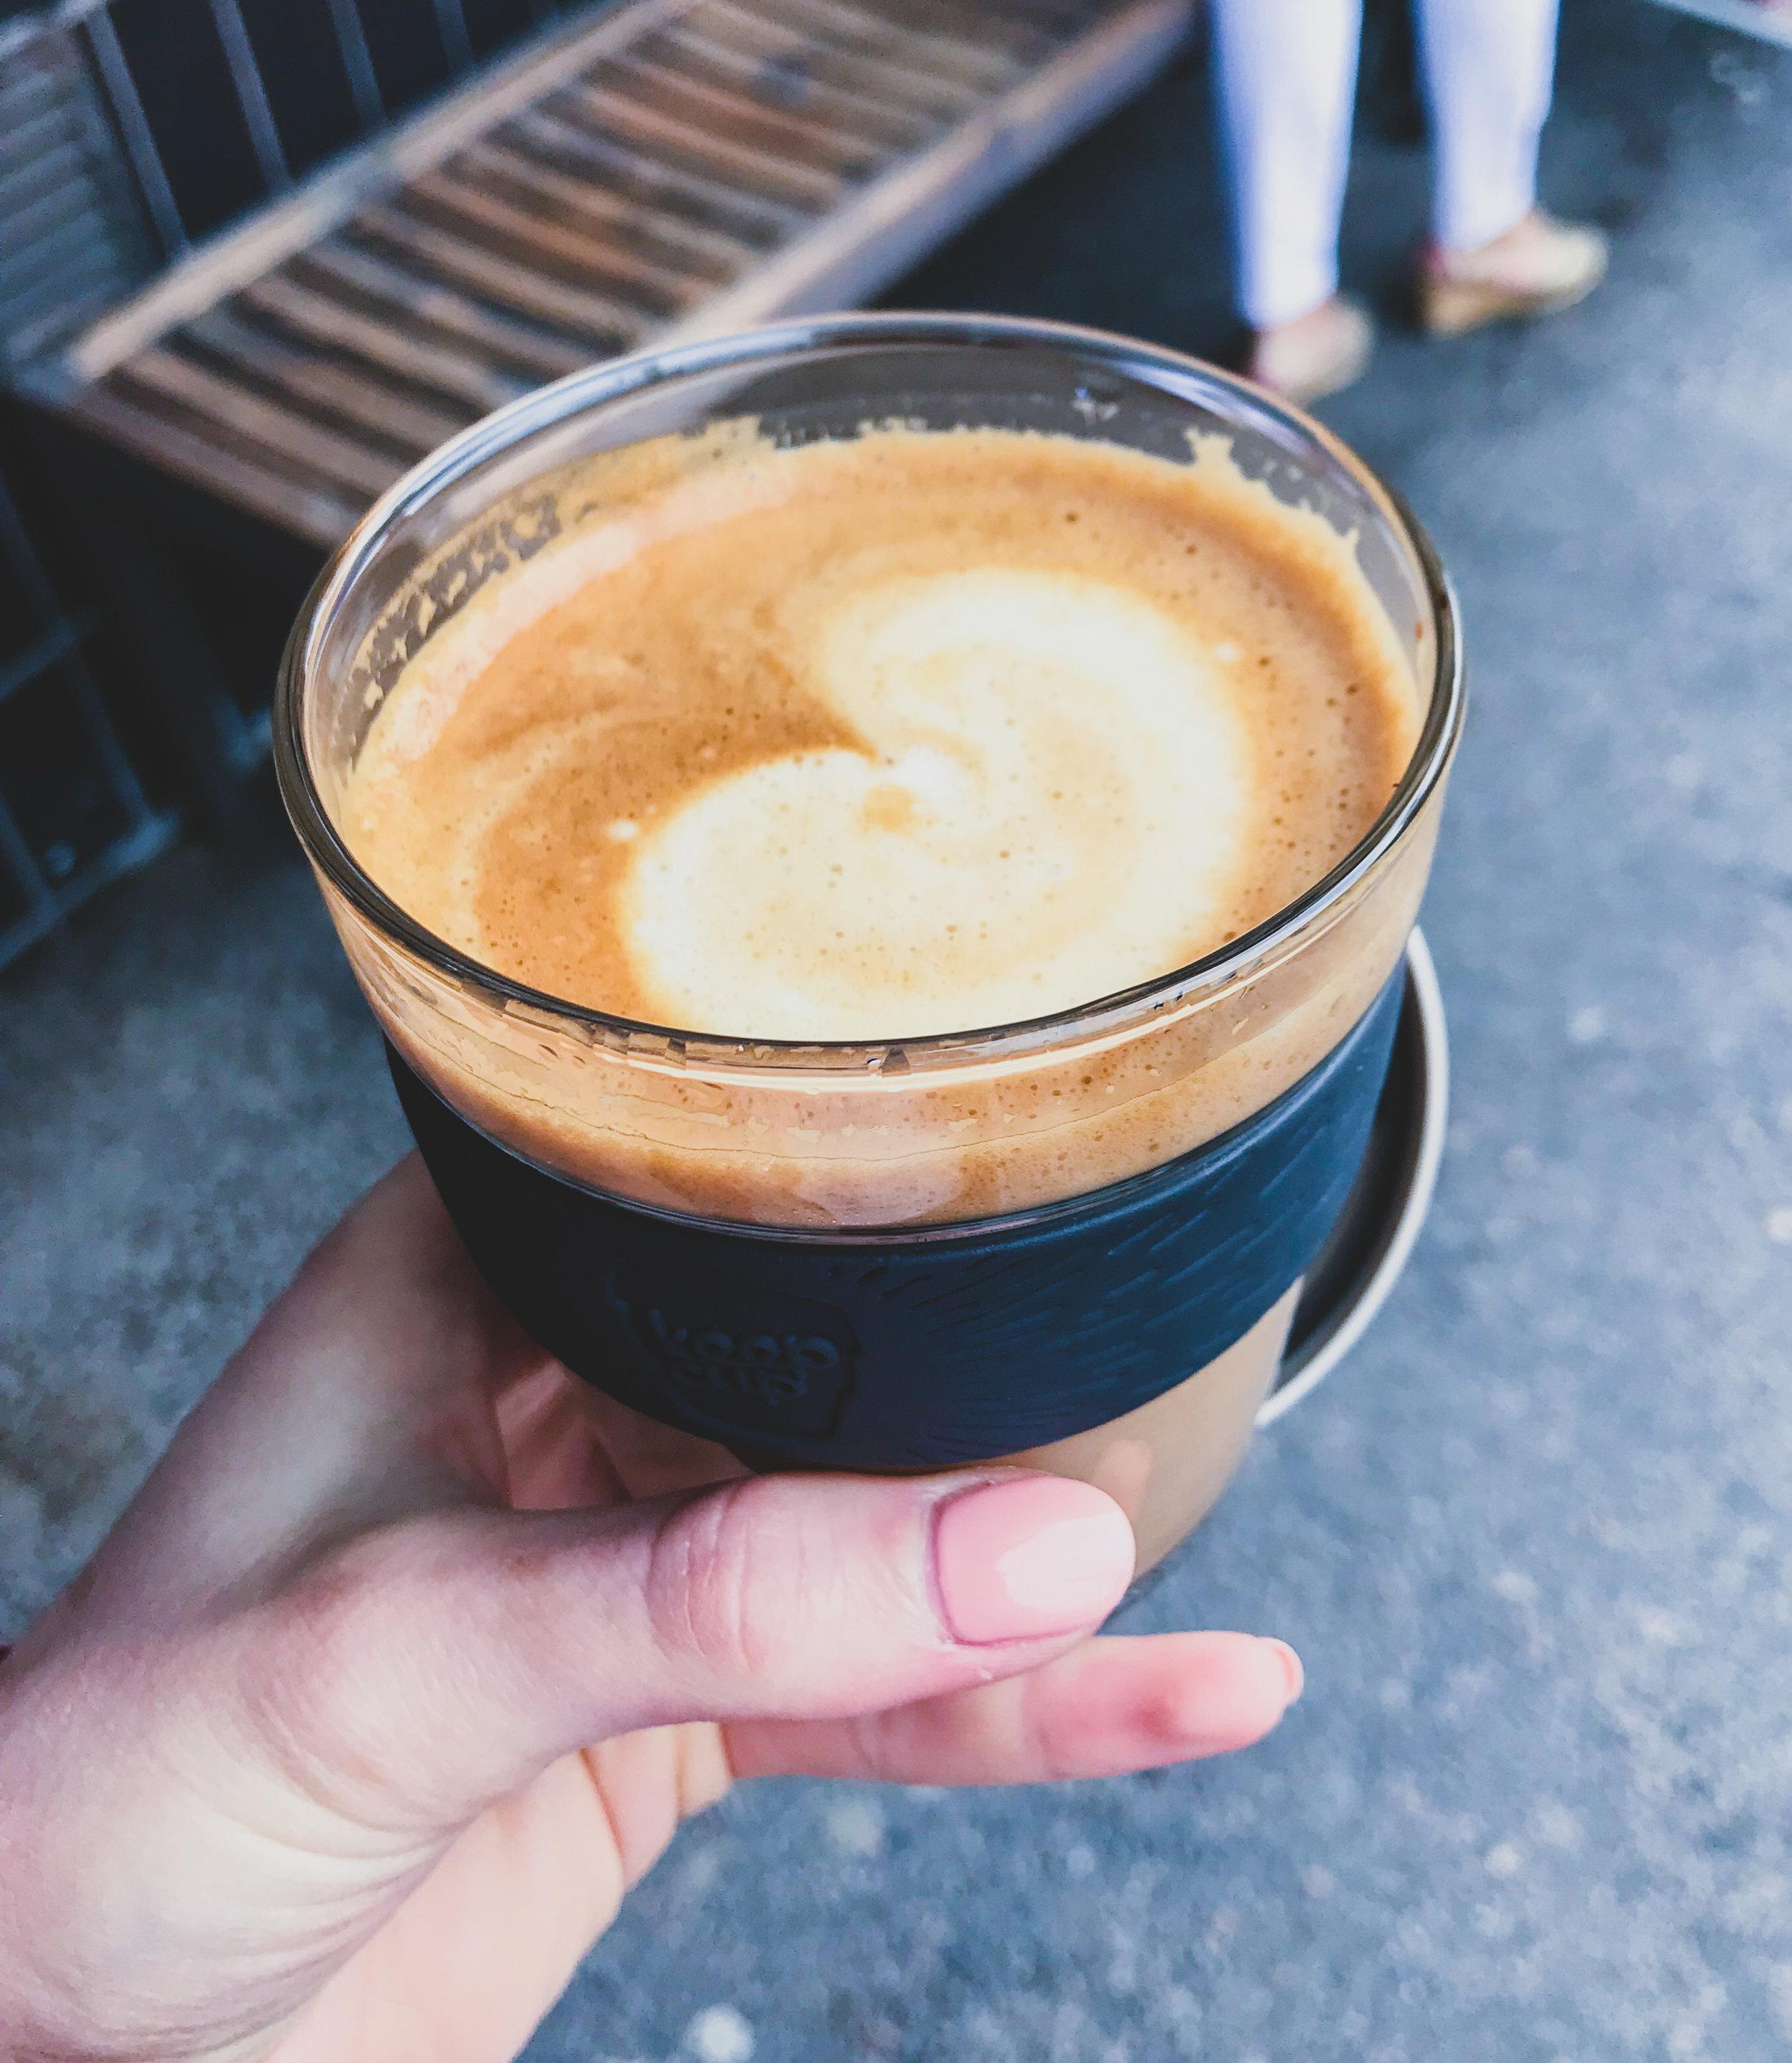 Firade mig själv genom att köpa mig en ny kaffekopp. Kaffet smakar så gott i denna av tjockt glas!